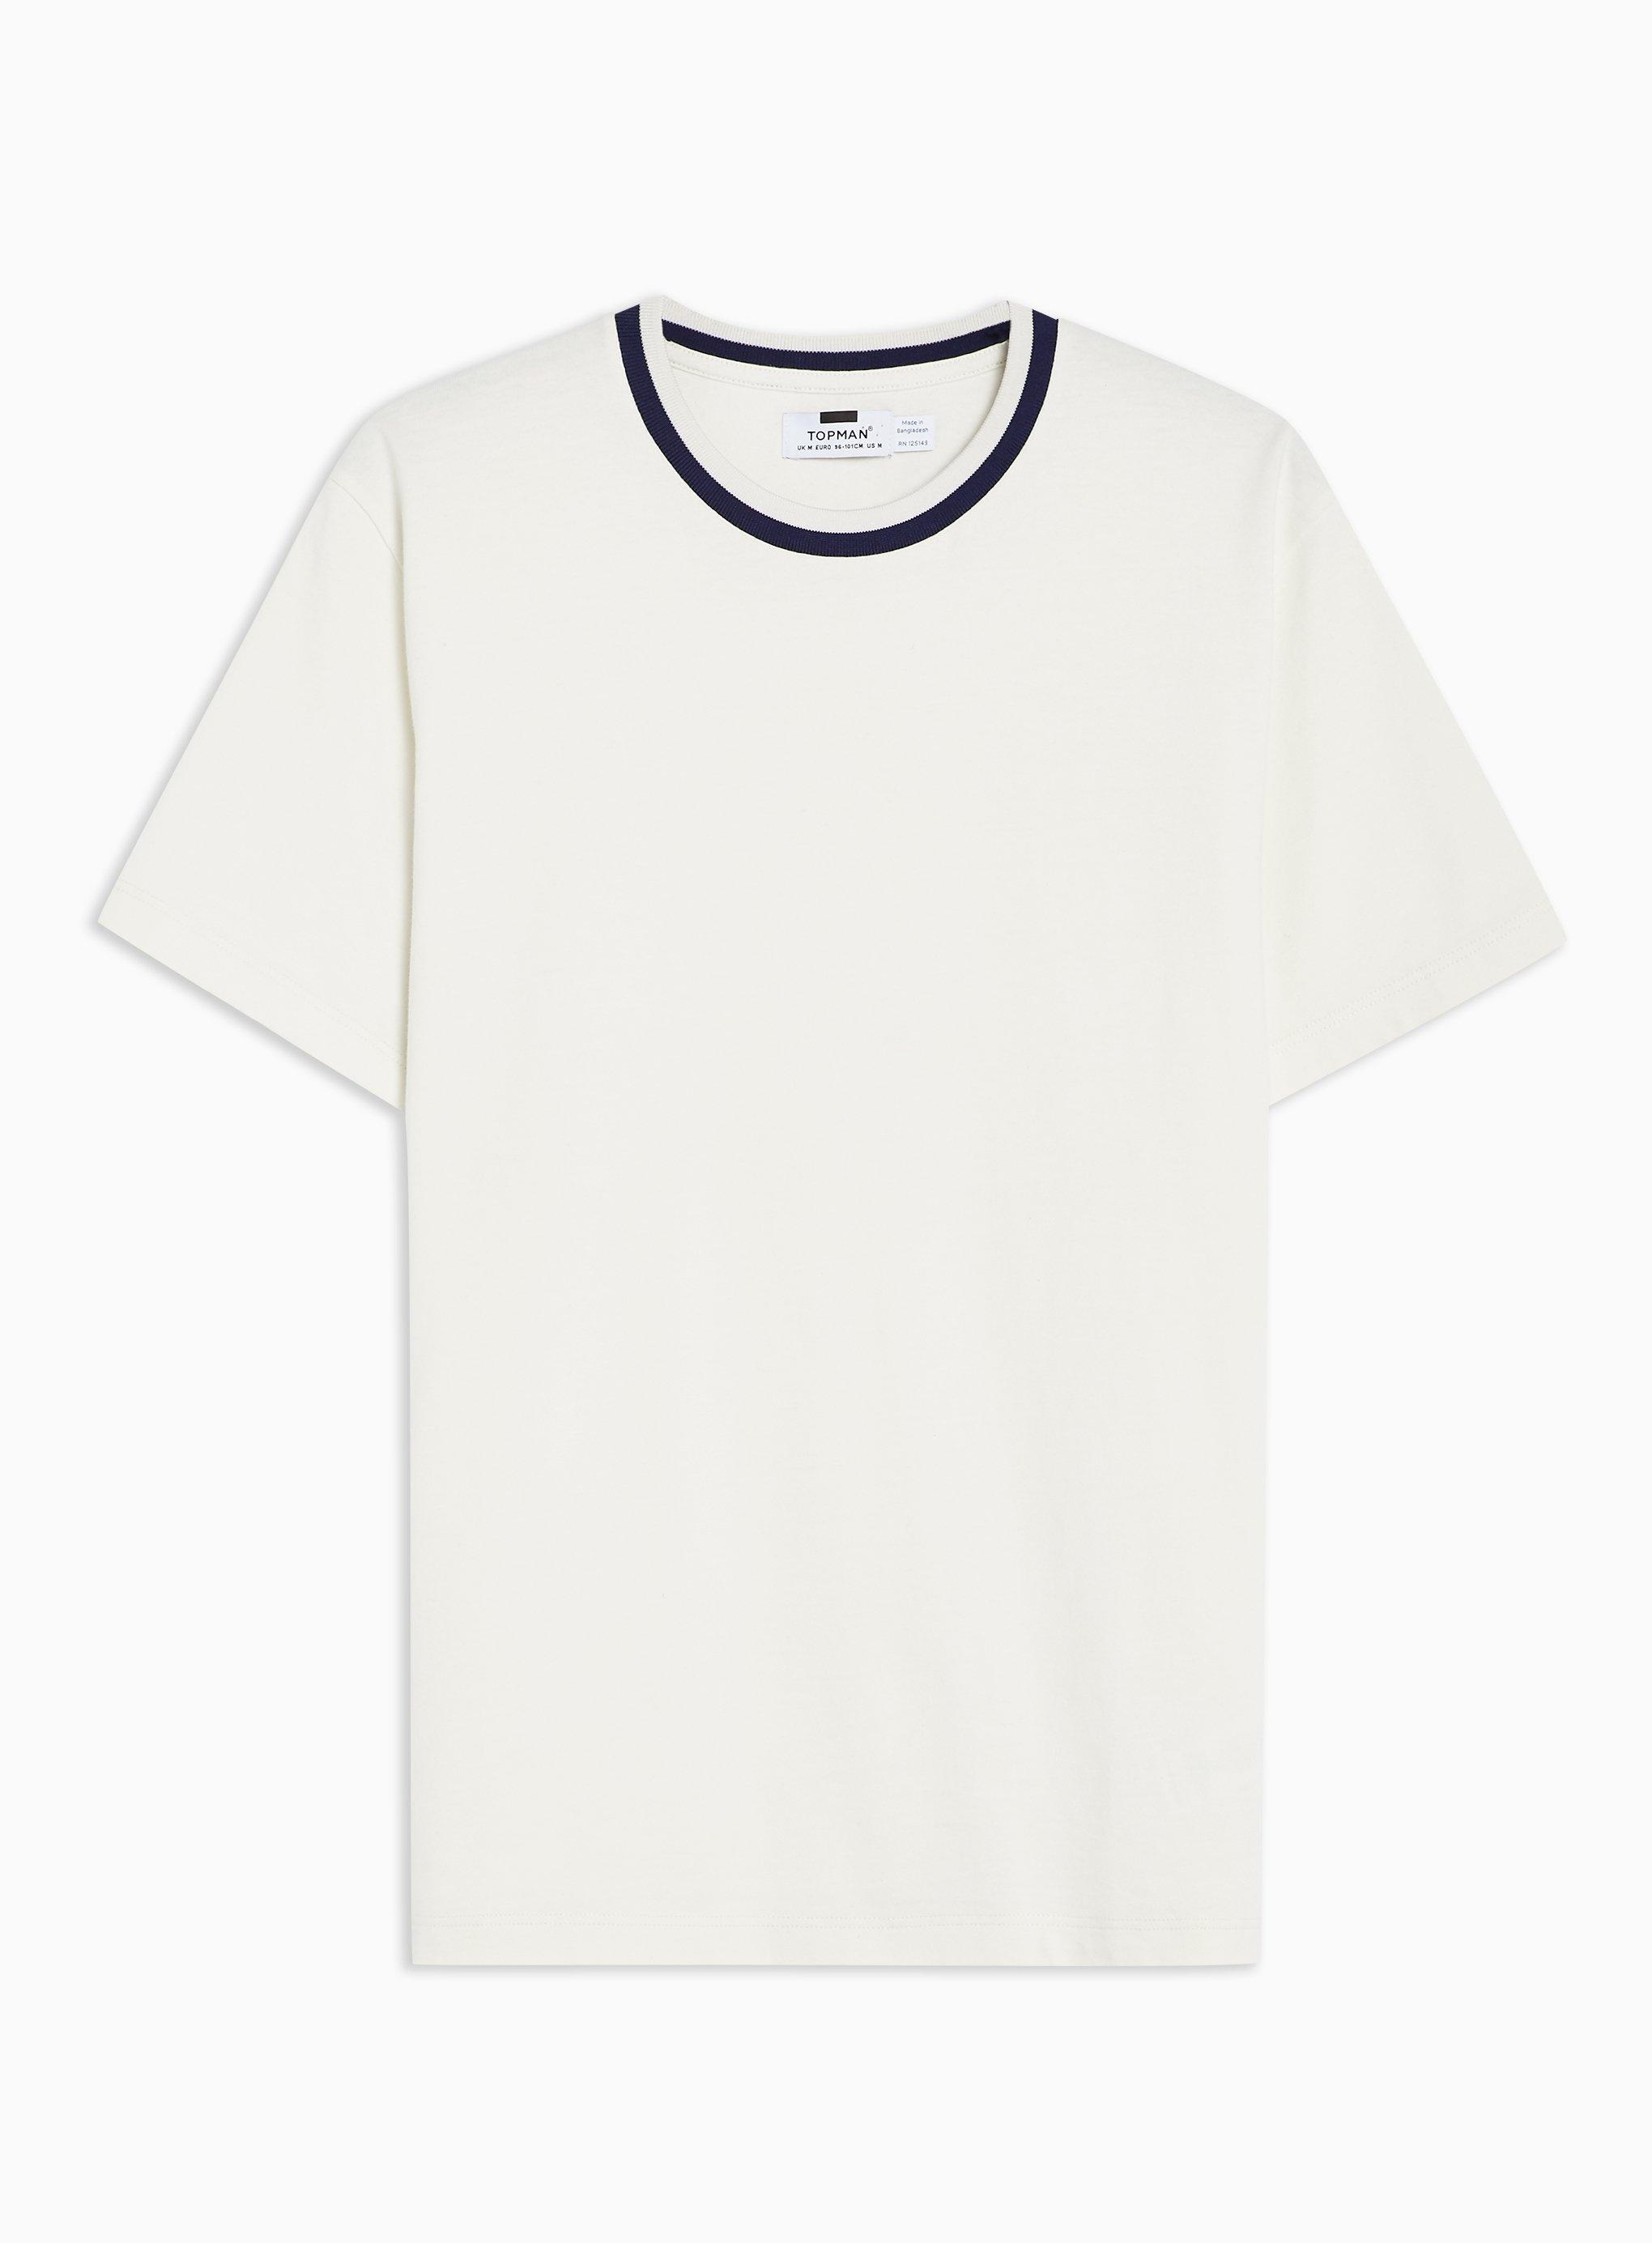 49e3c107 Lyst - TOPMAN Off White Ringer T-shirt in White for Men